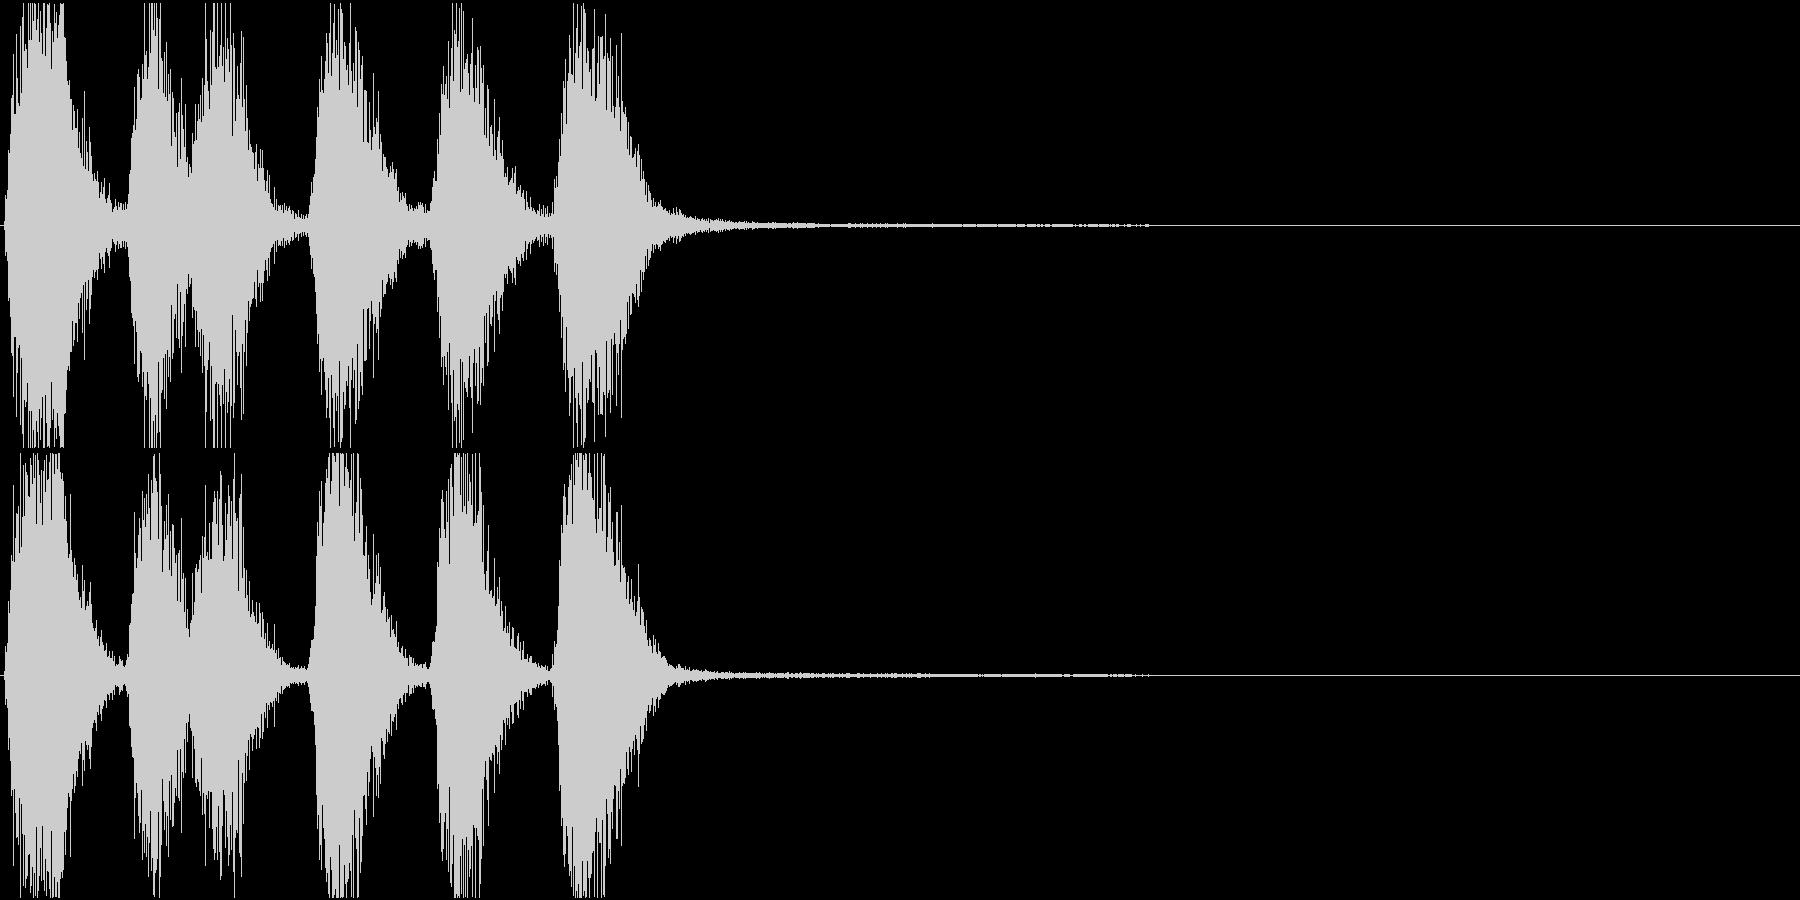 トランペット ファンファーレ 定番 14の未再生の波形